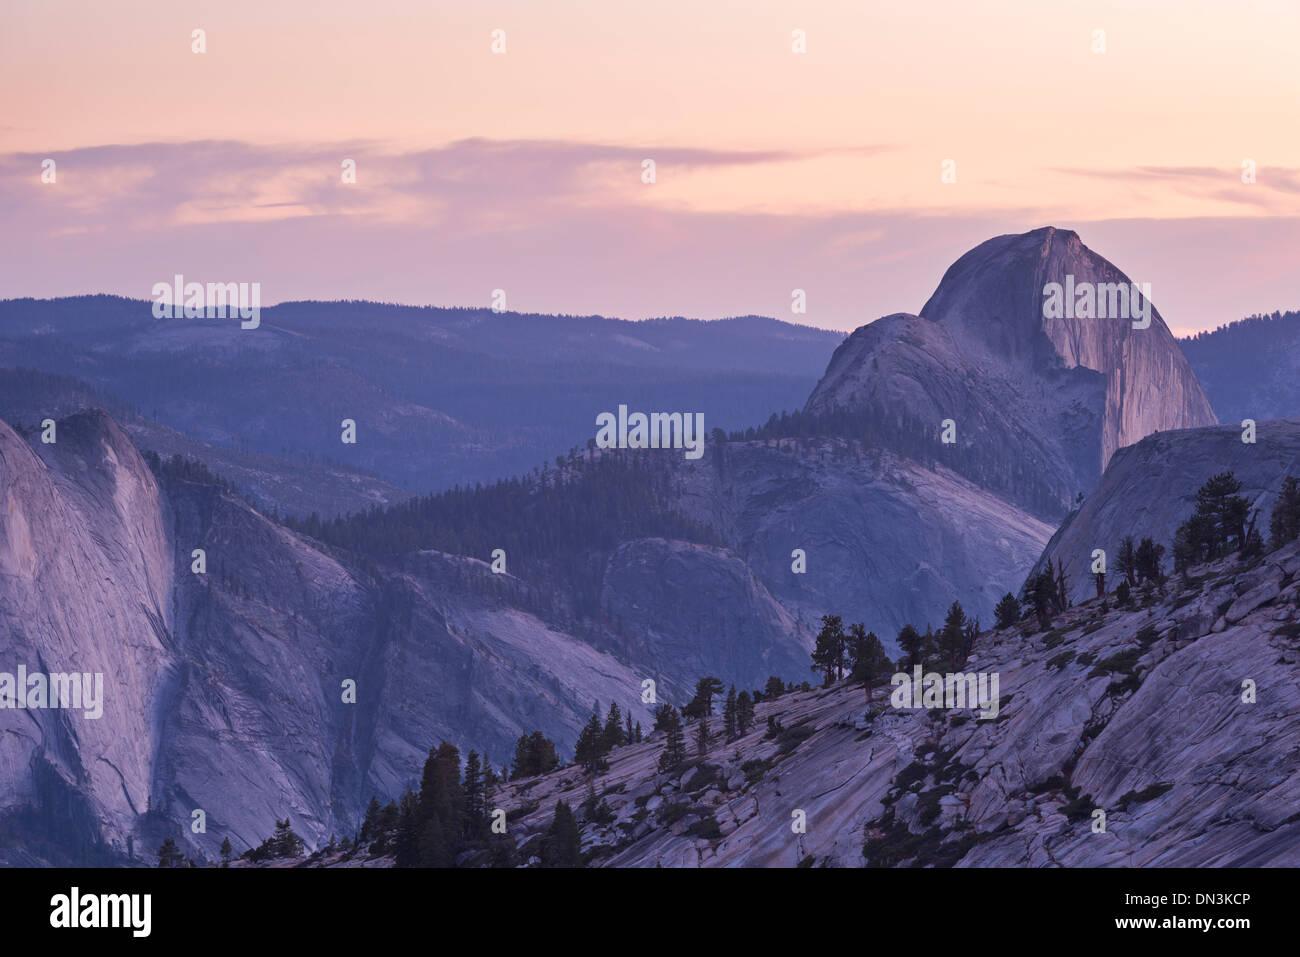 Crépuscule sur Demi Dôme, Yosemite National Park, California, USA. L'automne (octobre) 2013. Photo Stock